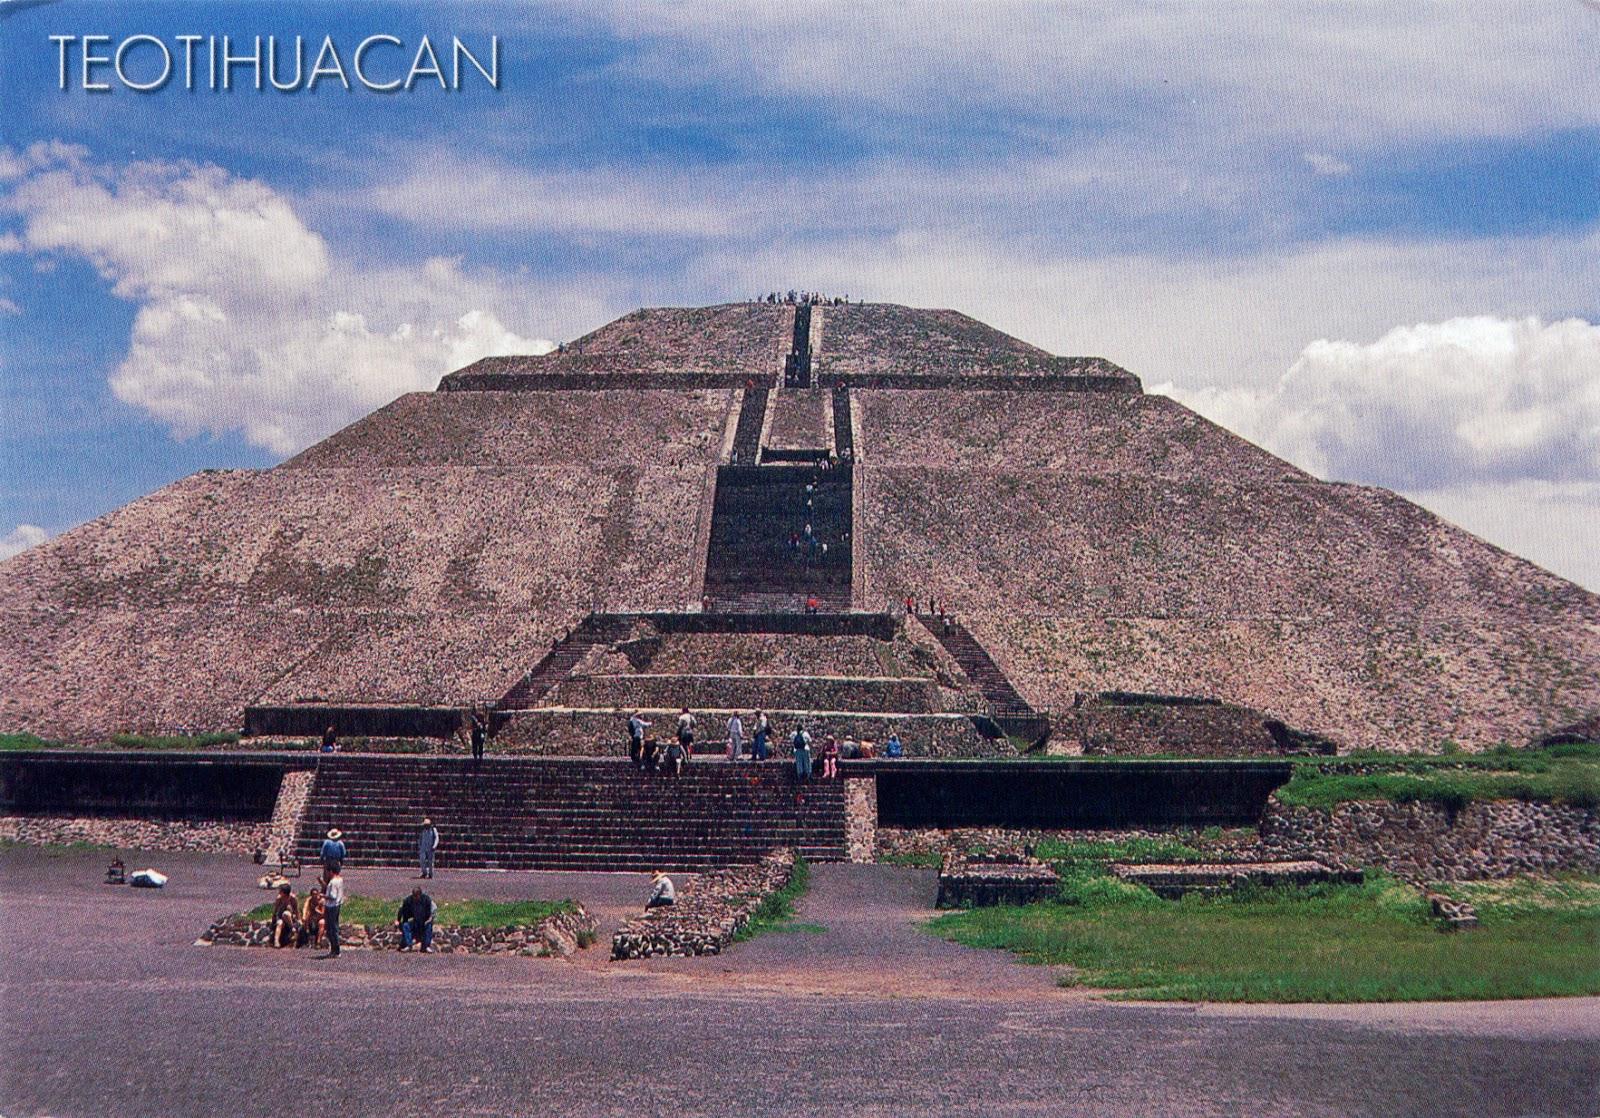 Ciudad prehispánica de Teotihuacán - Centro del Patrimonio Mundial de la UNESCO